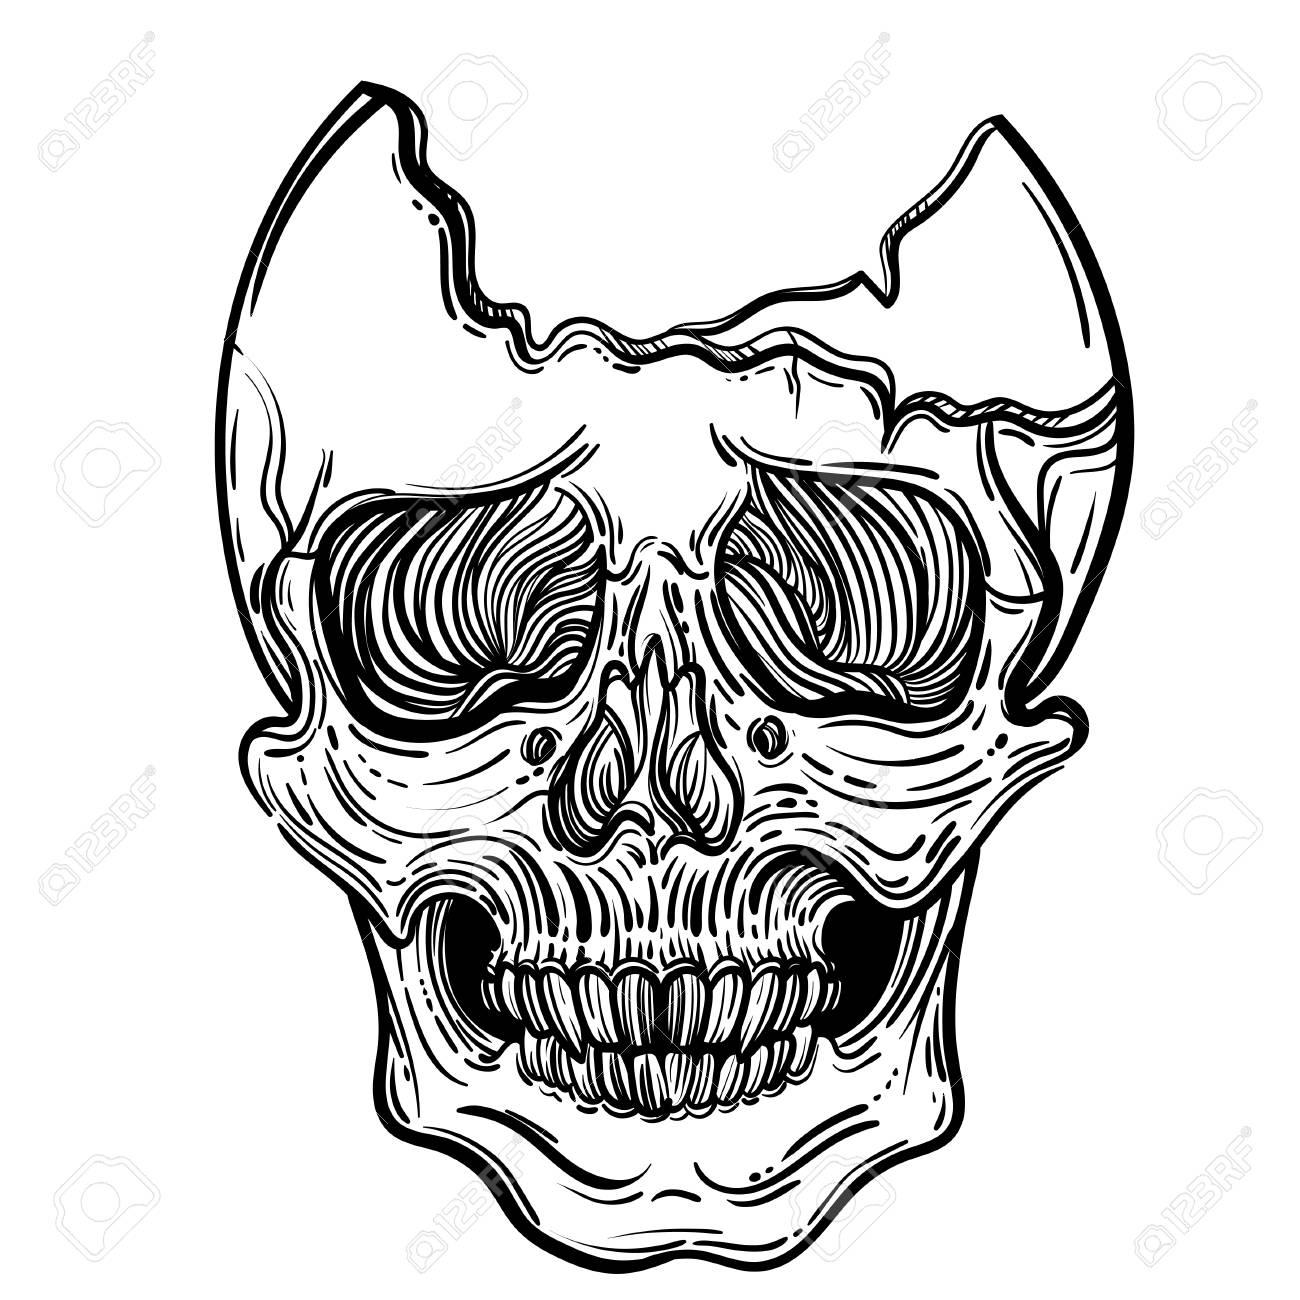 Ilustración De Vector Con Un Cráneo Humano Cráneo Brutal Gótico Para Imprimir Camisetas O Colorear Libros